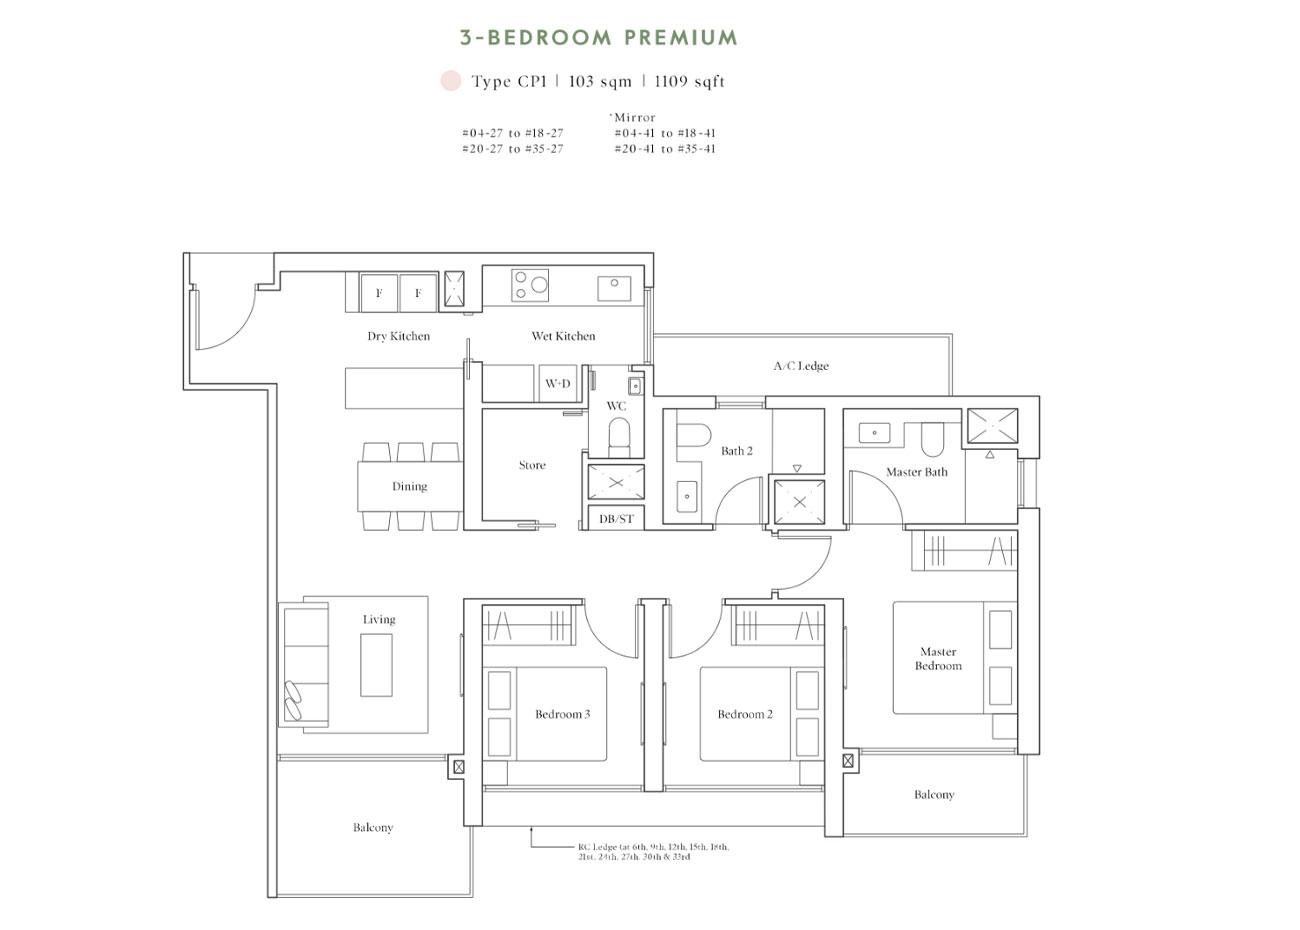 Horizon Collection - 3 Bedroom Premium, CP1